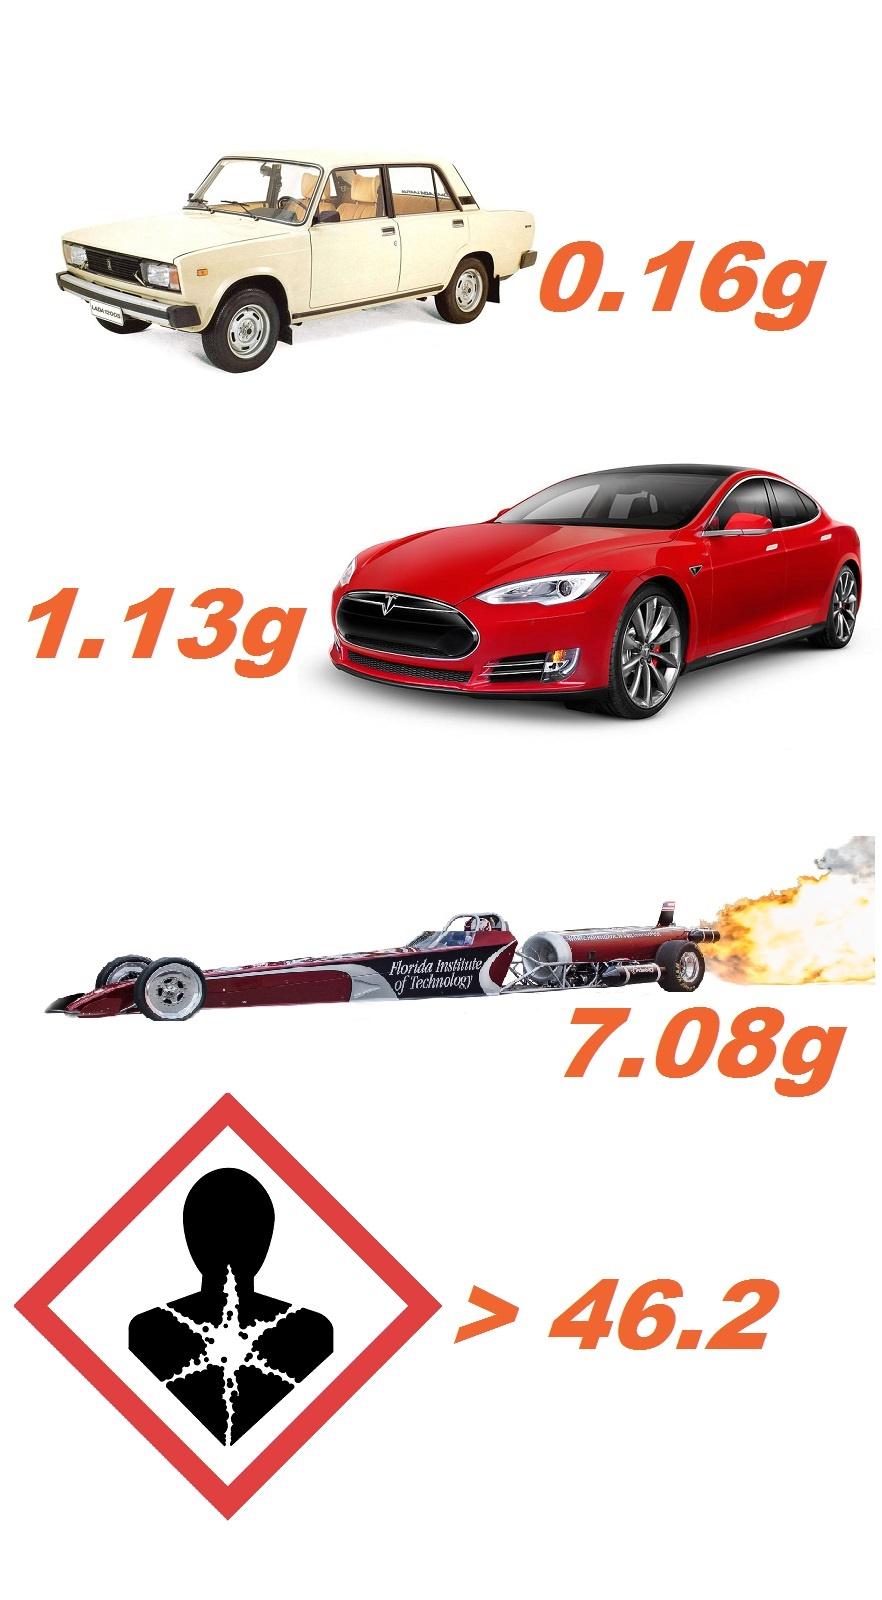 Какая скорость разгона с 0 до 100 км/час угрожает жизни человека?